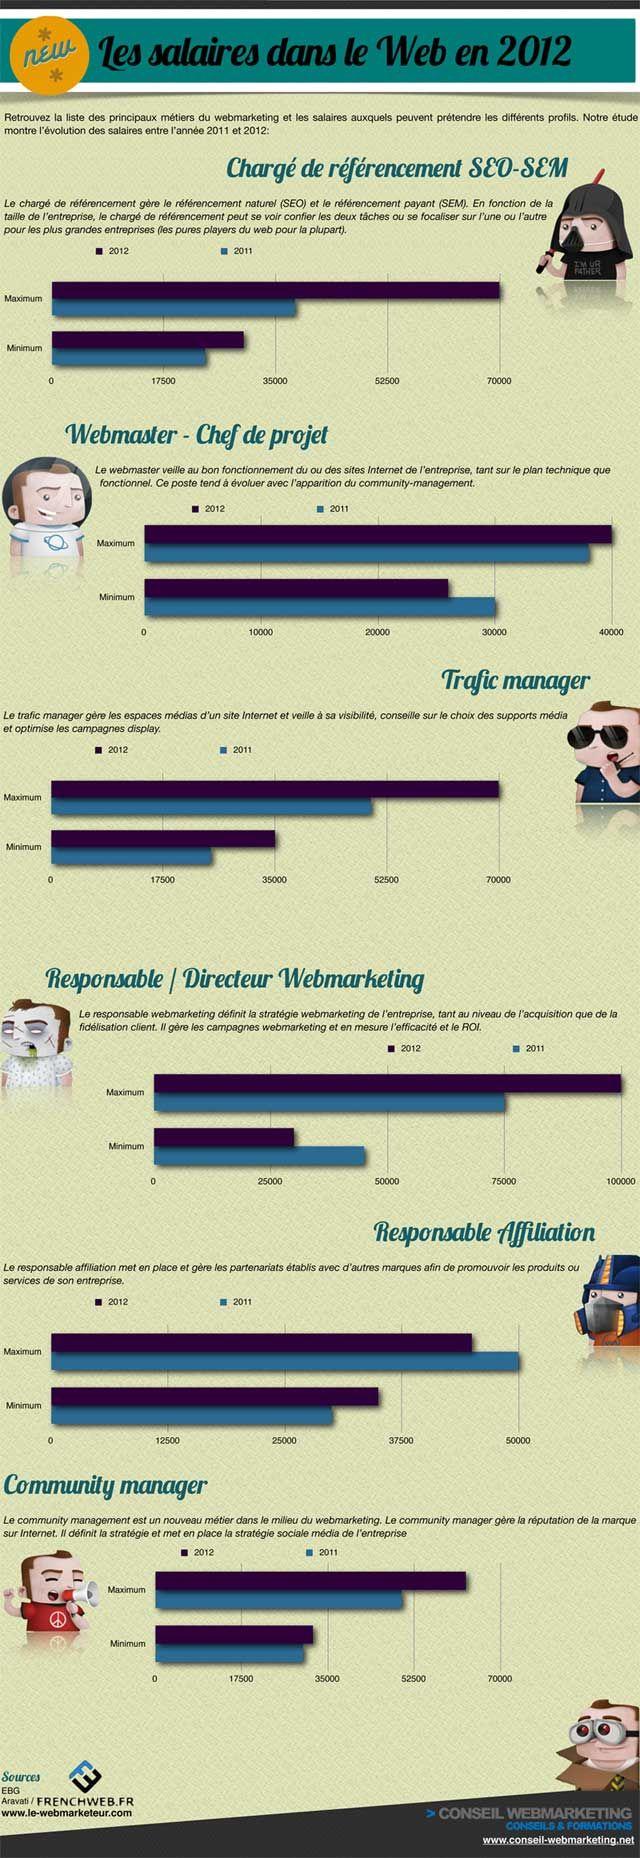 Infographie : Combien gagne un chargé de référencement SEO-SEM en France ? - Actualité Abondance